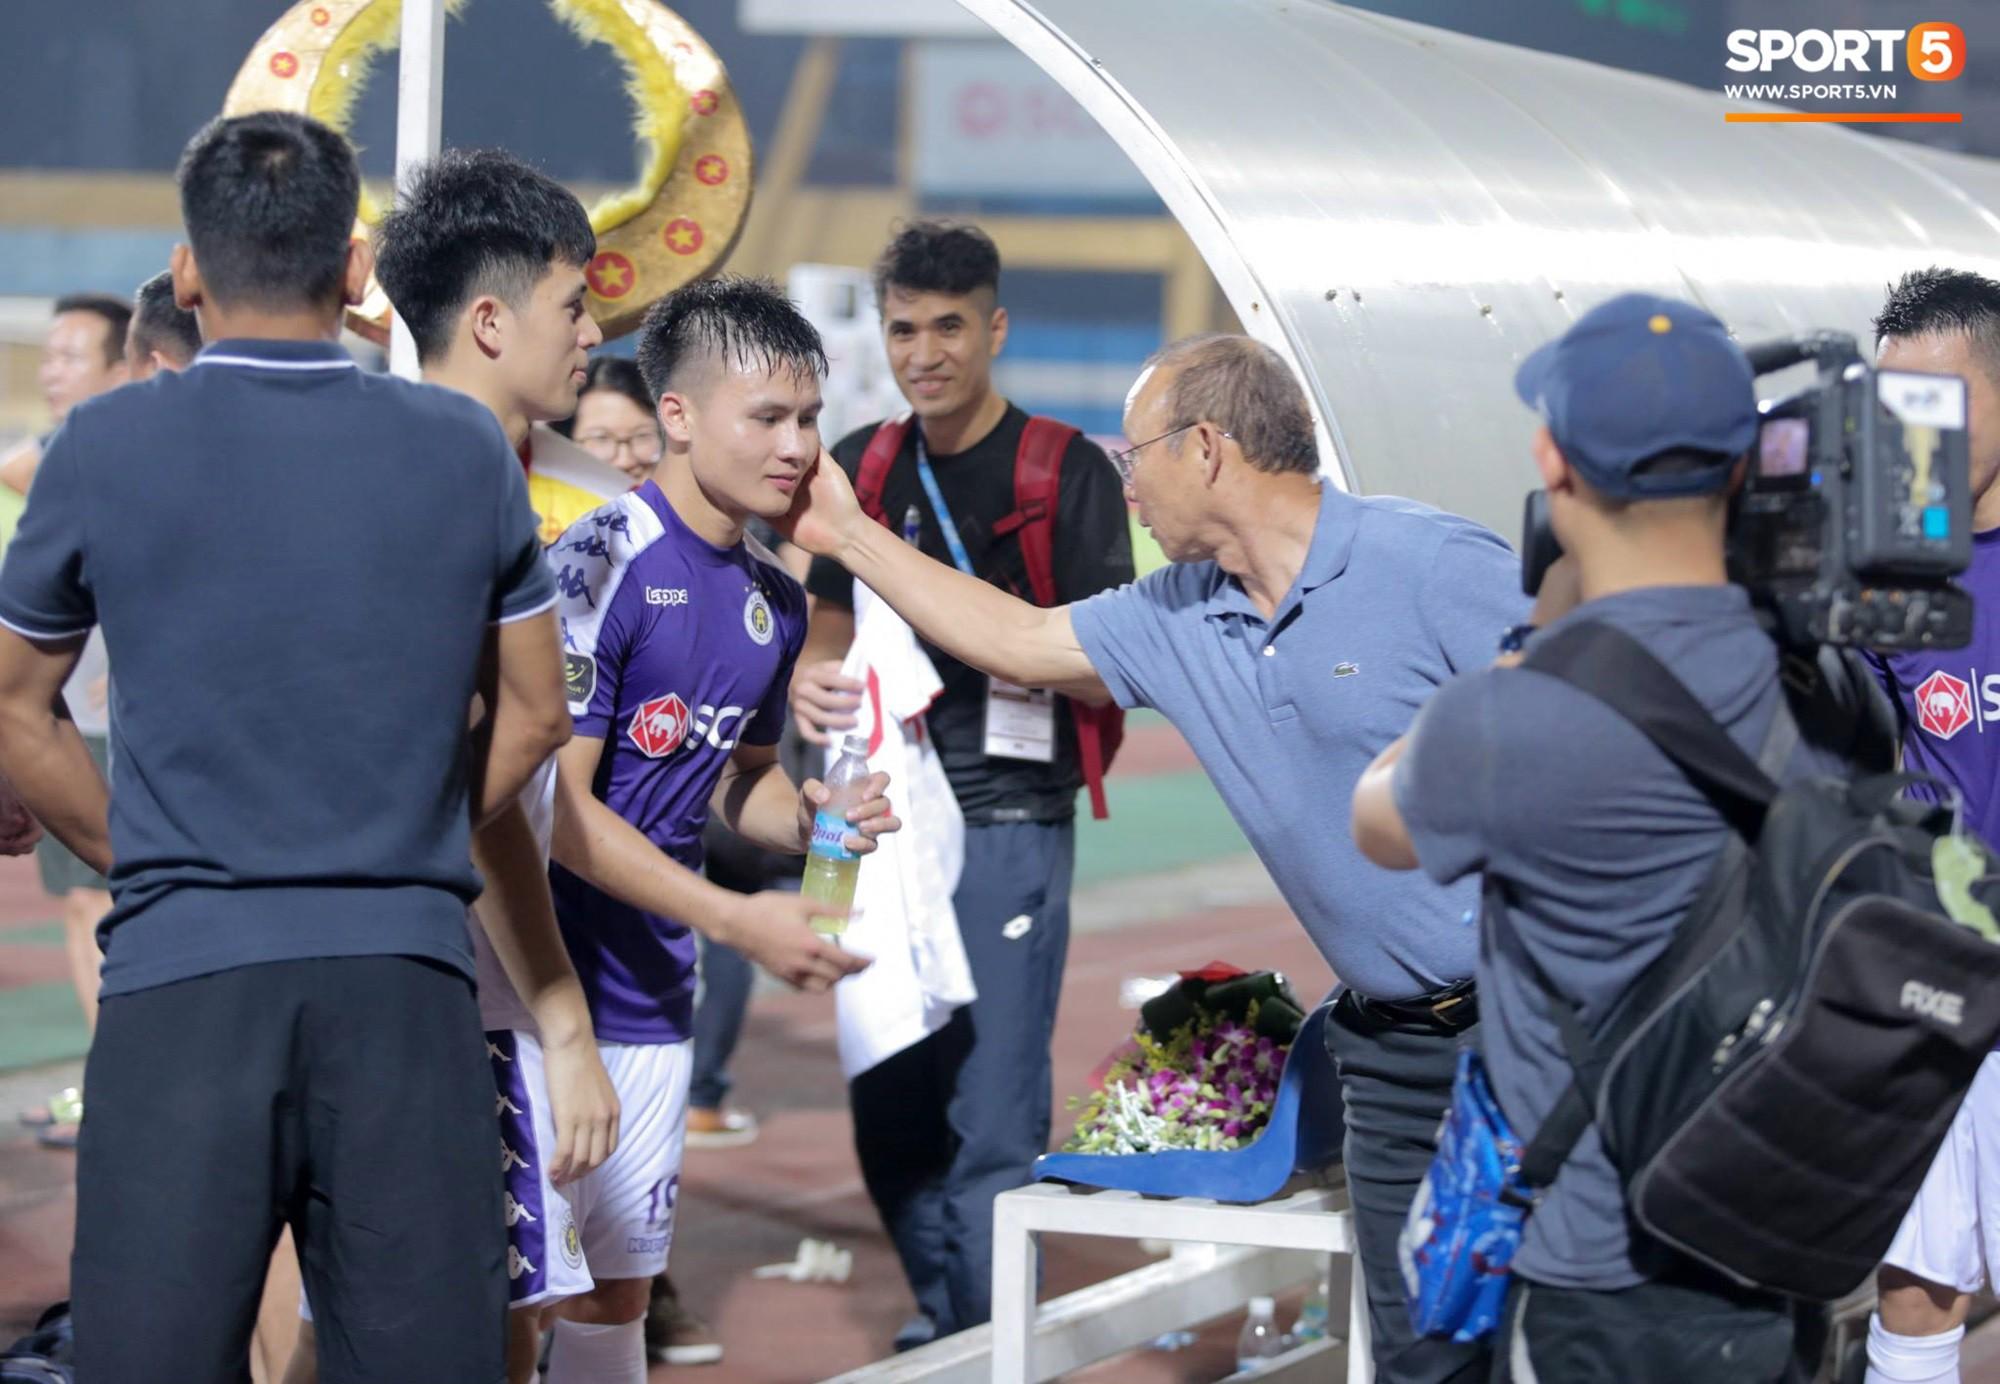 HLV Park Hang Seo xuống sân chúc mừng trò cưng Quang Hải sau màn trình diễn tuyệt vời-3